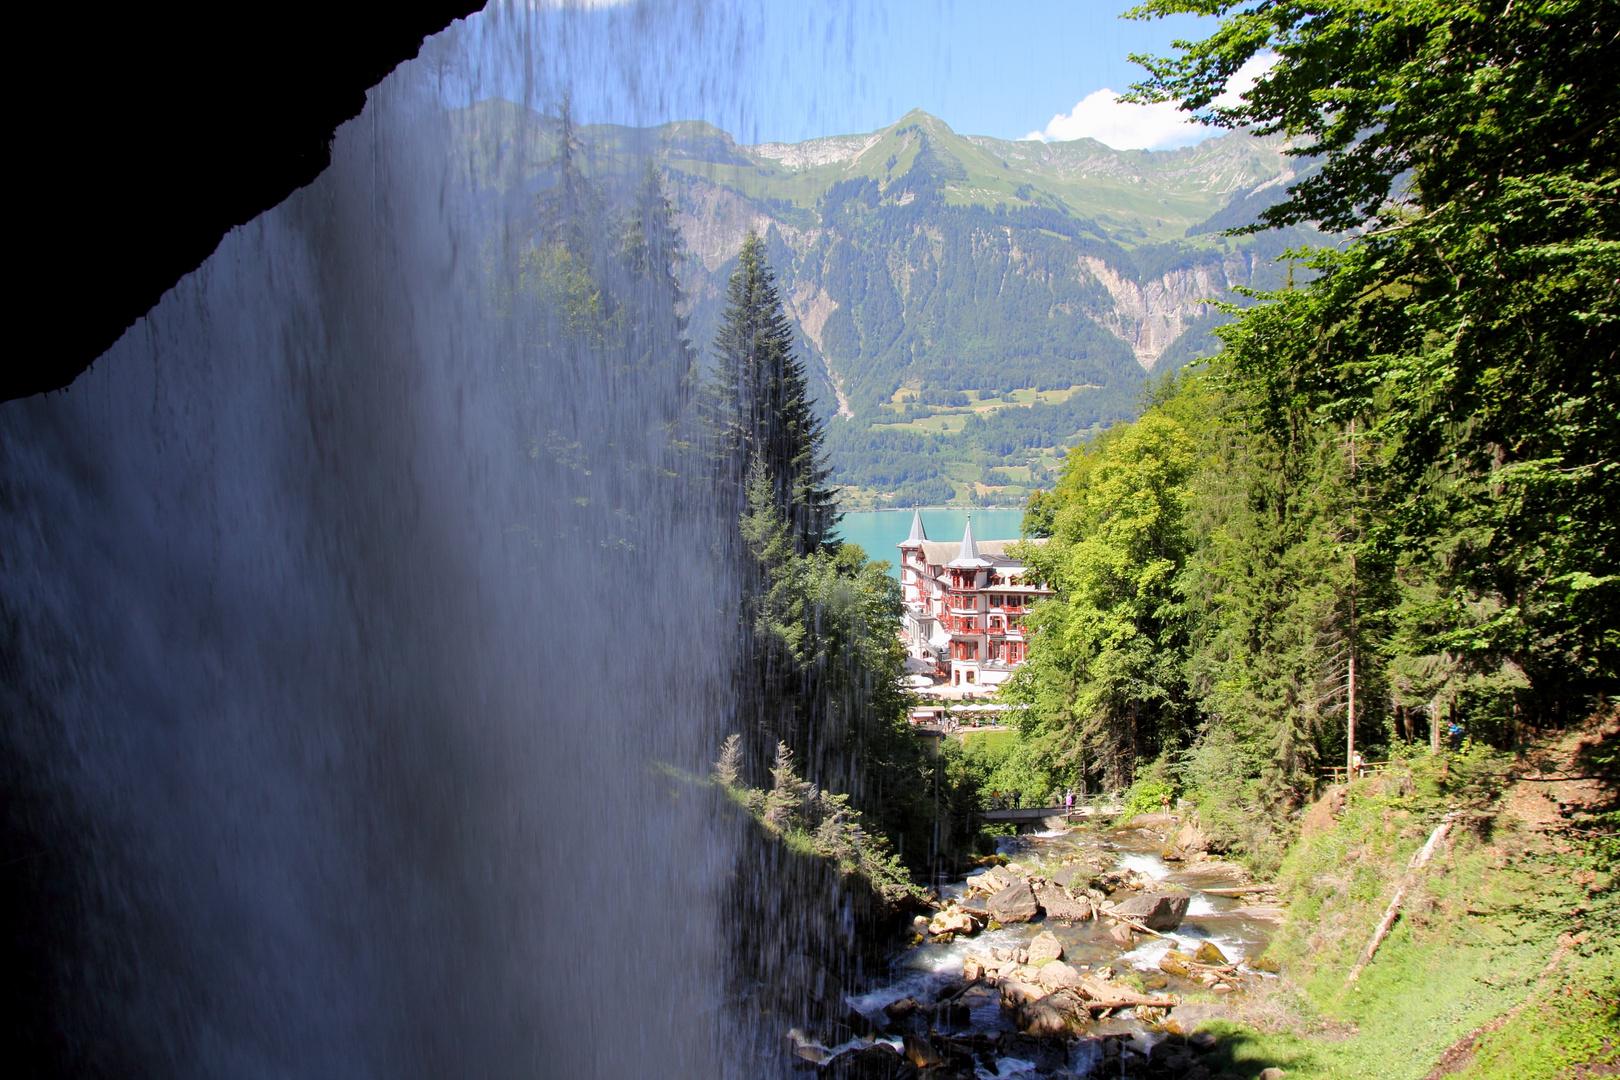 """Historische Hotelresidenz """"Giessbach"""" am Brienzer See"""